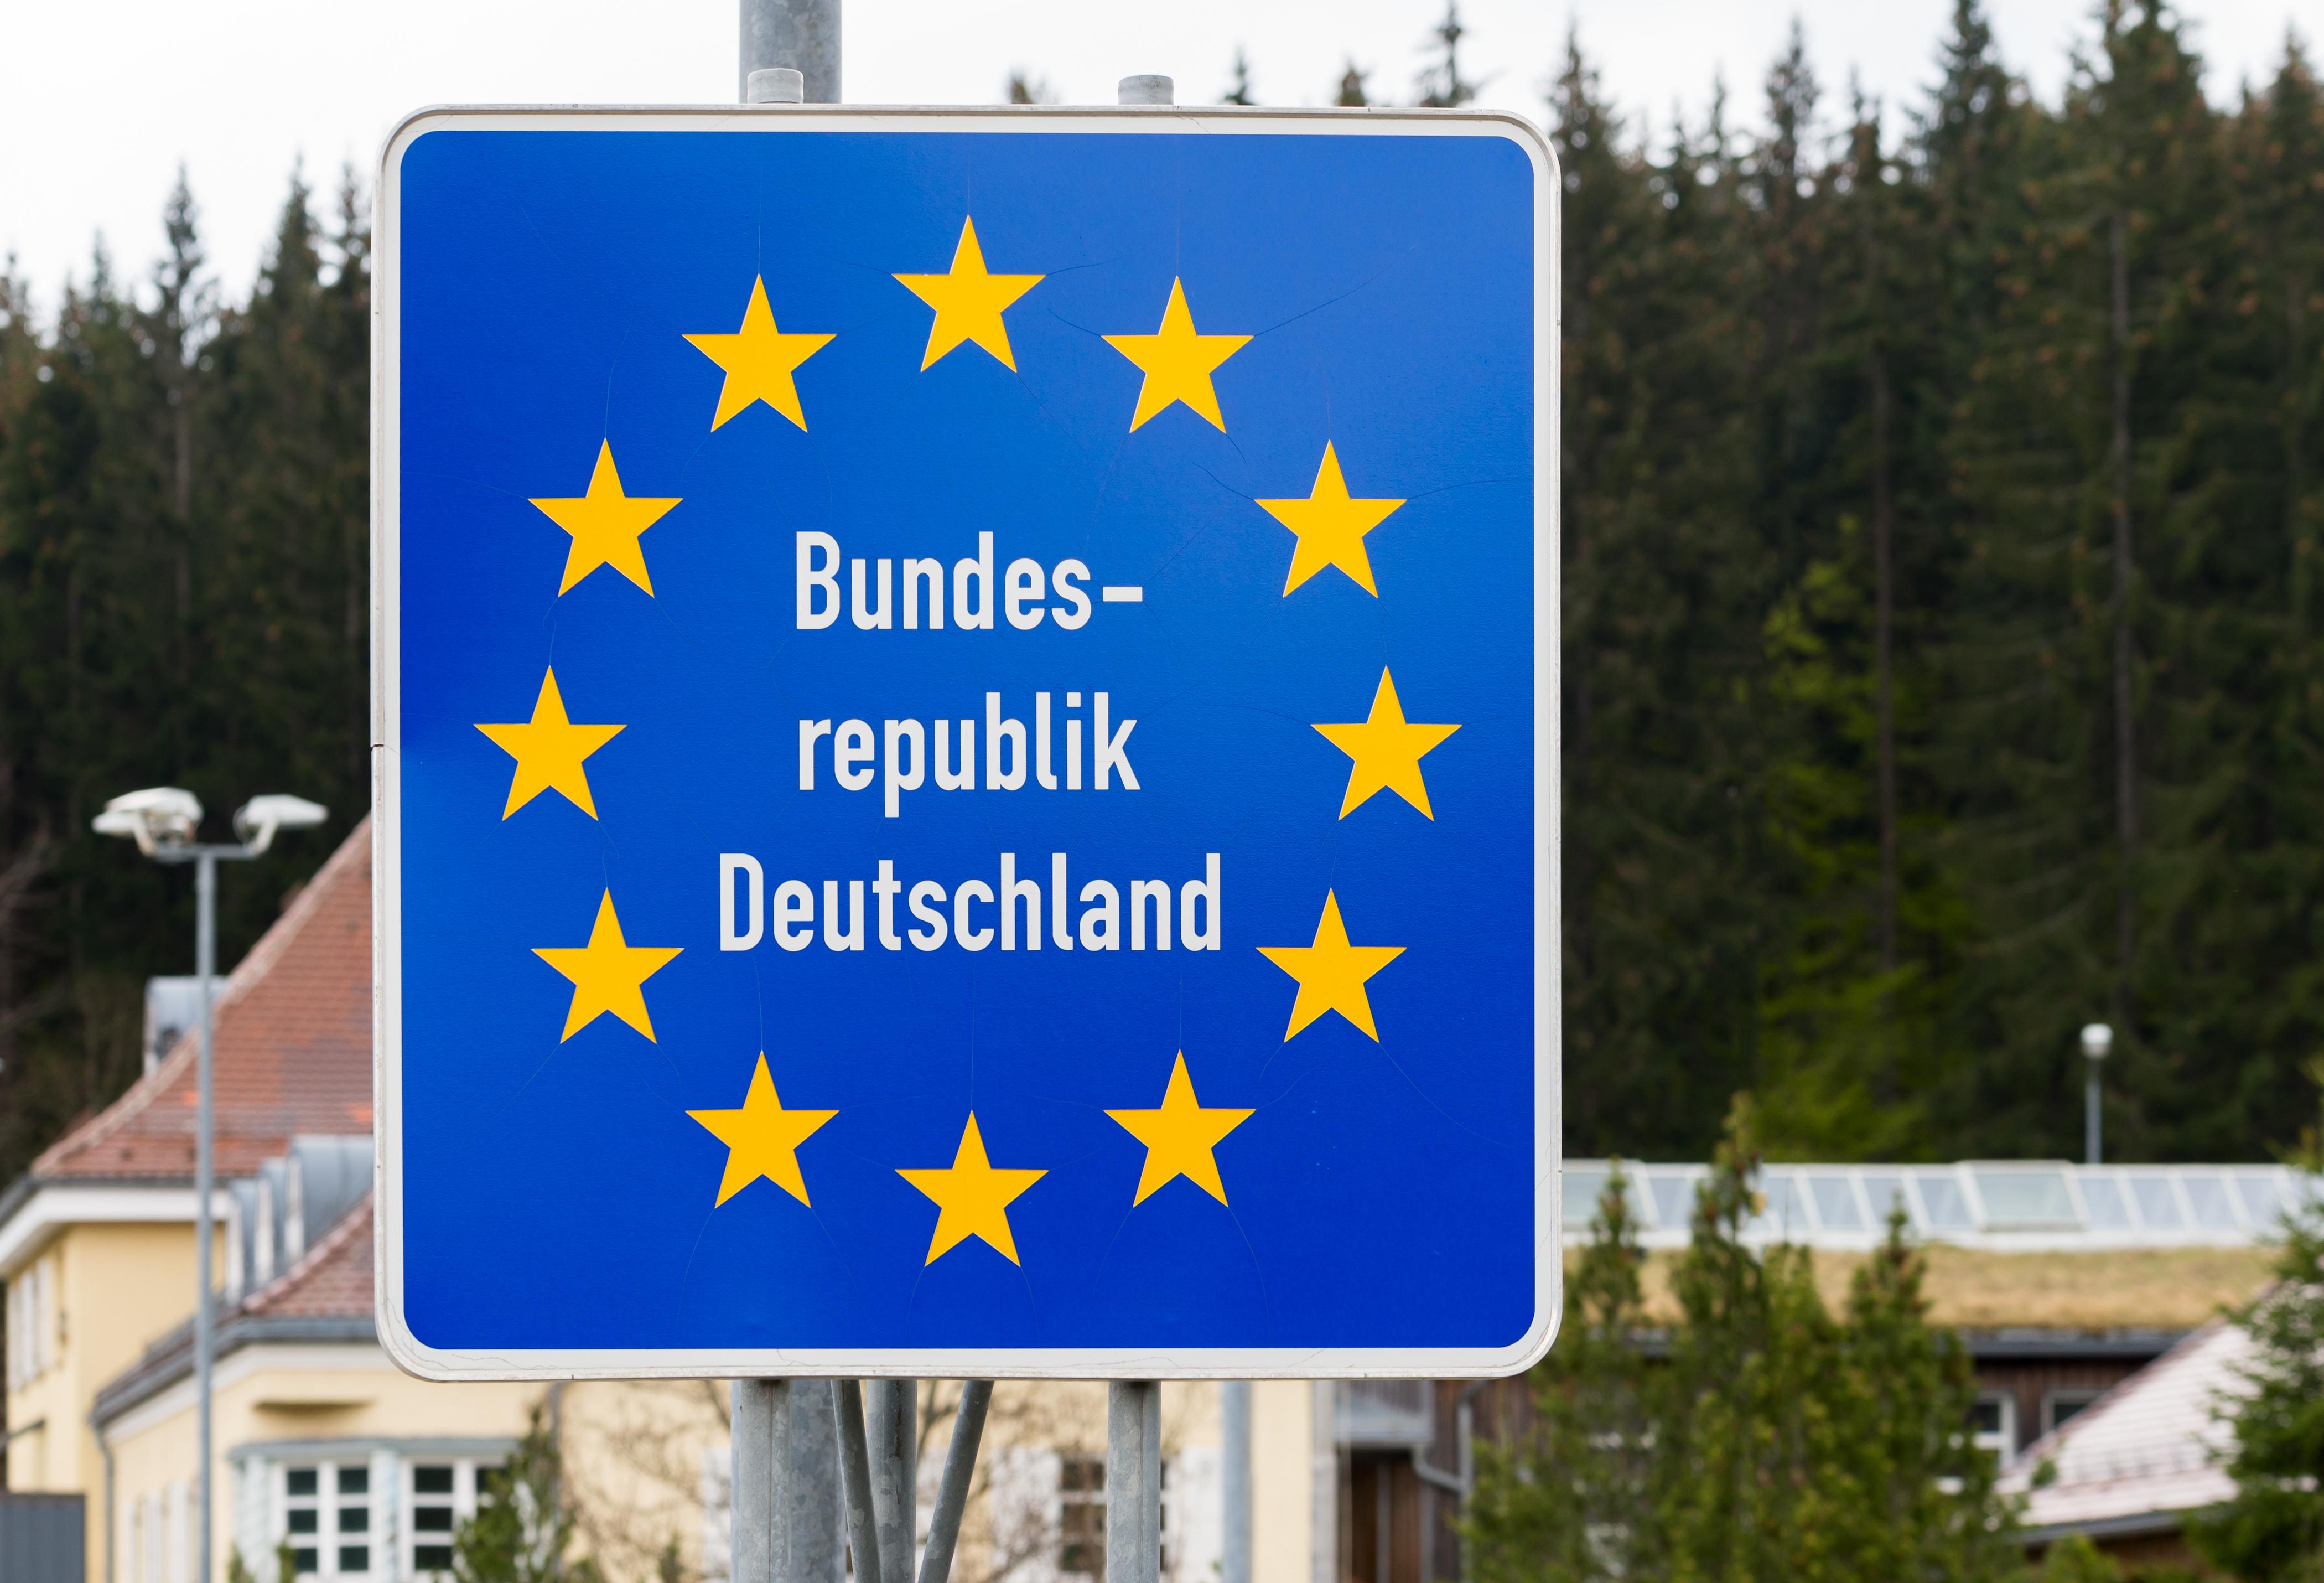 Знак при въезде в Германию, стране, где действует репатриационная программа